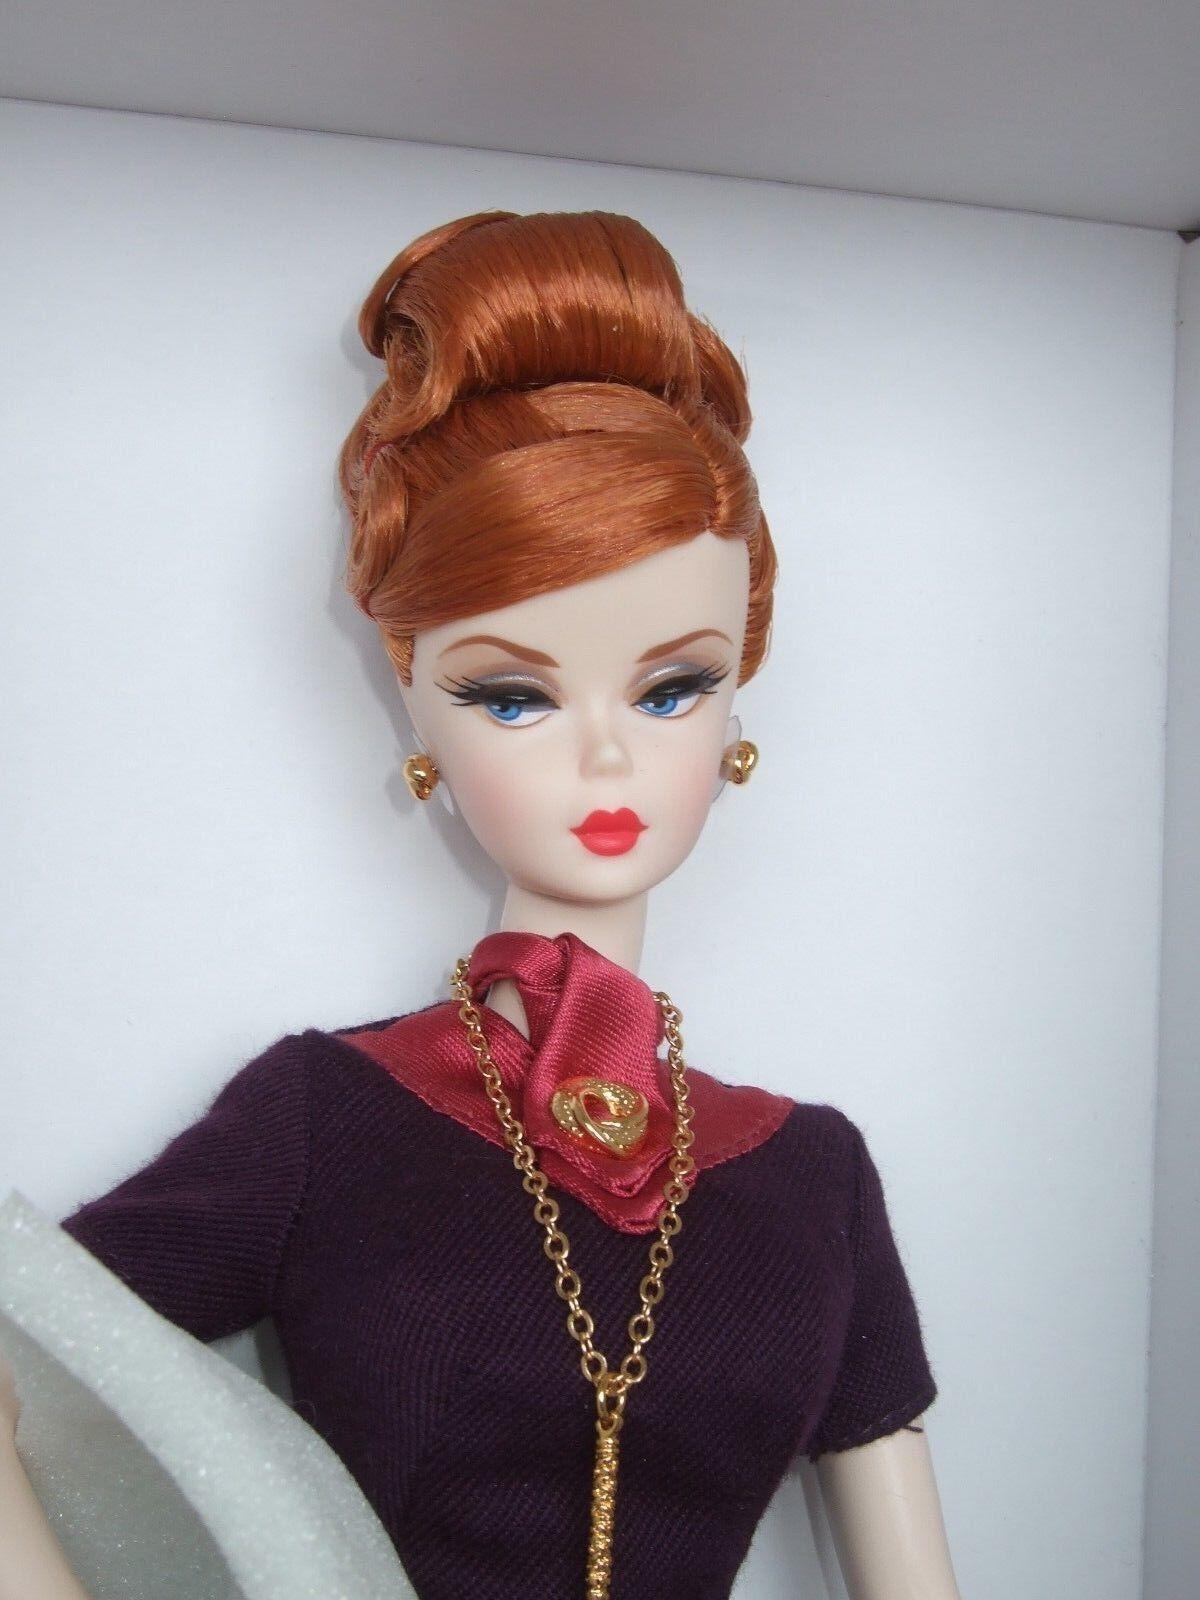 HTF Mattel Silkstone Silkstone Silkstone Barbie BNIB MIB 2010 f767fe